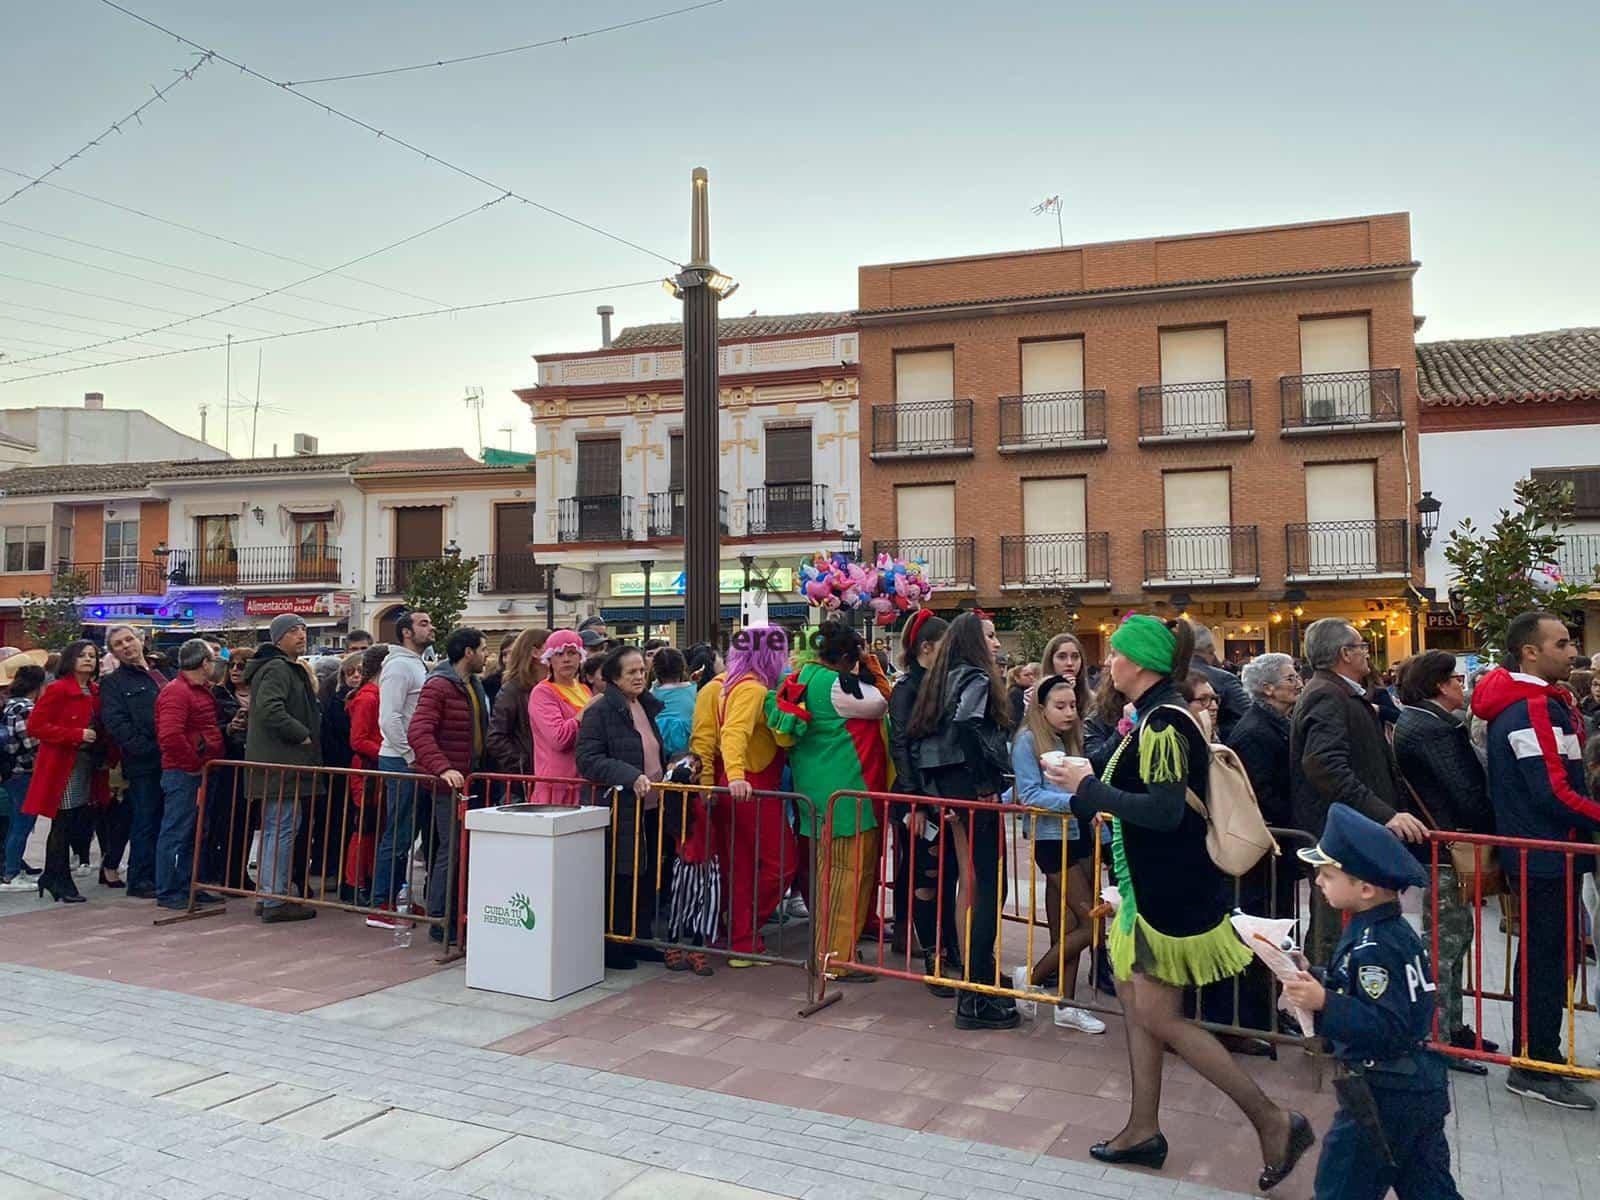 Carnaval herencia 2020 pasacalles domingo deseosas 50 - El Domingo de las Deseosas invita a todo el mundo al Carnaval de Herencia